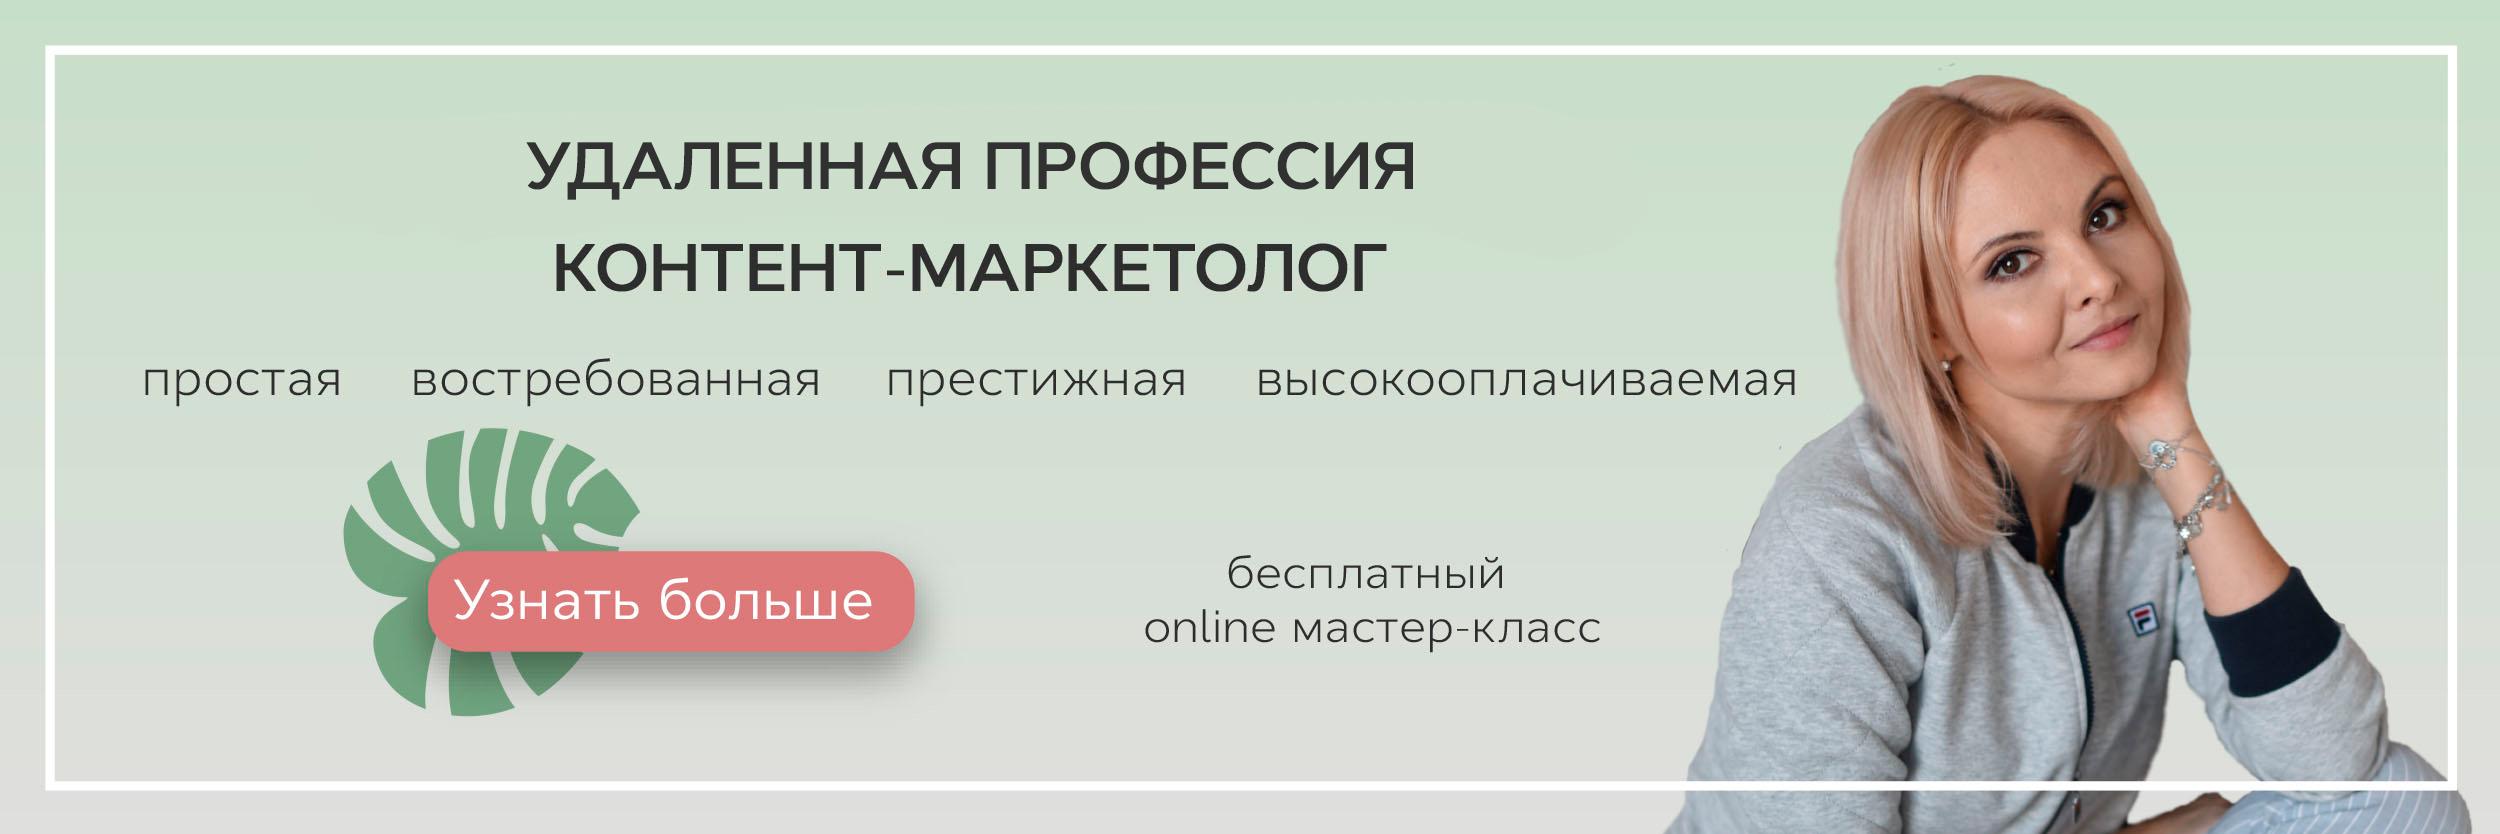 Профессия контент-маркетолог